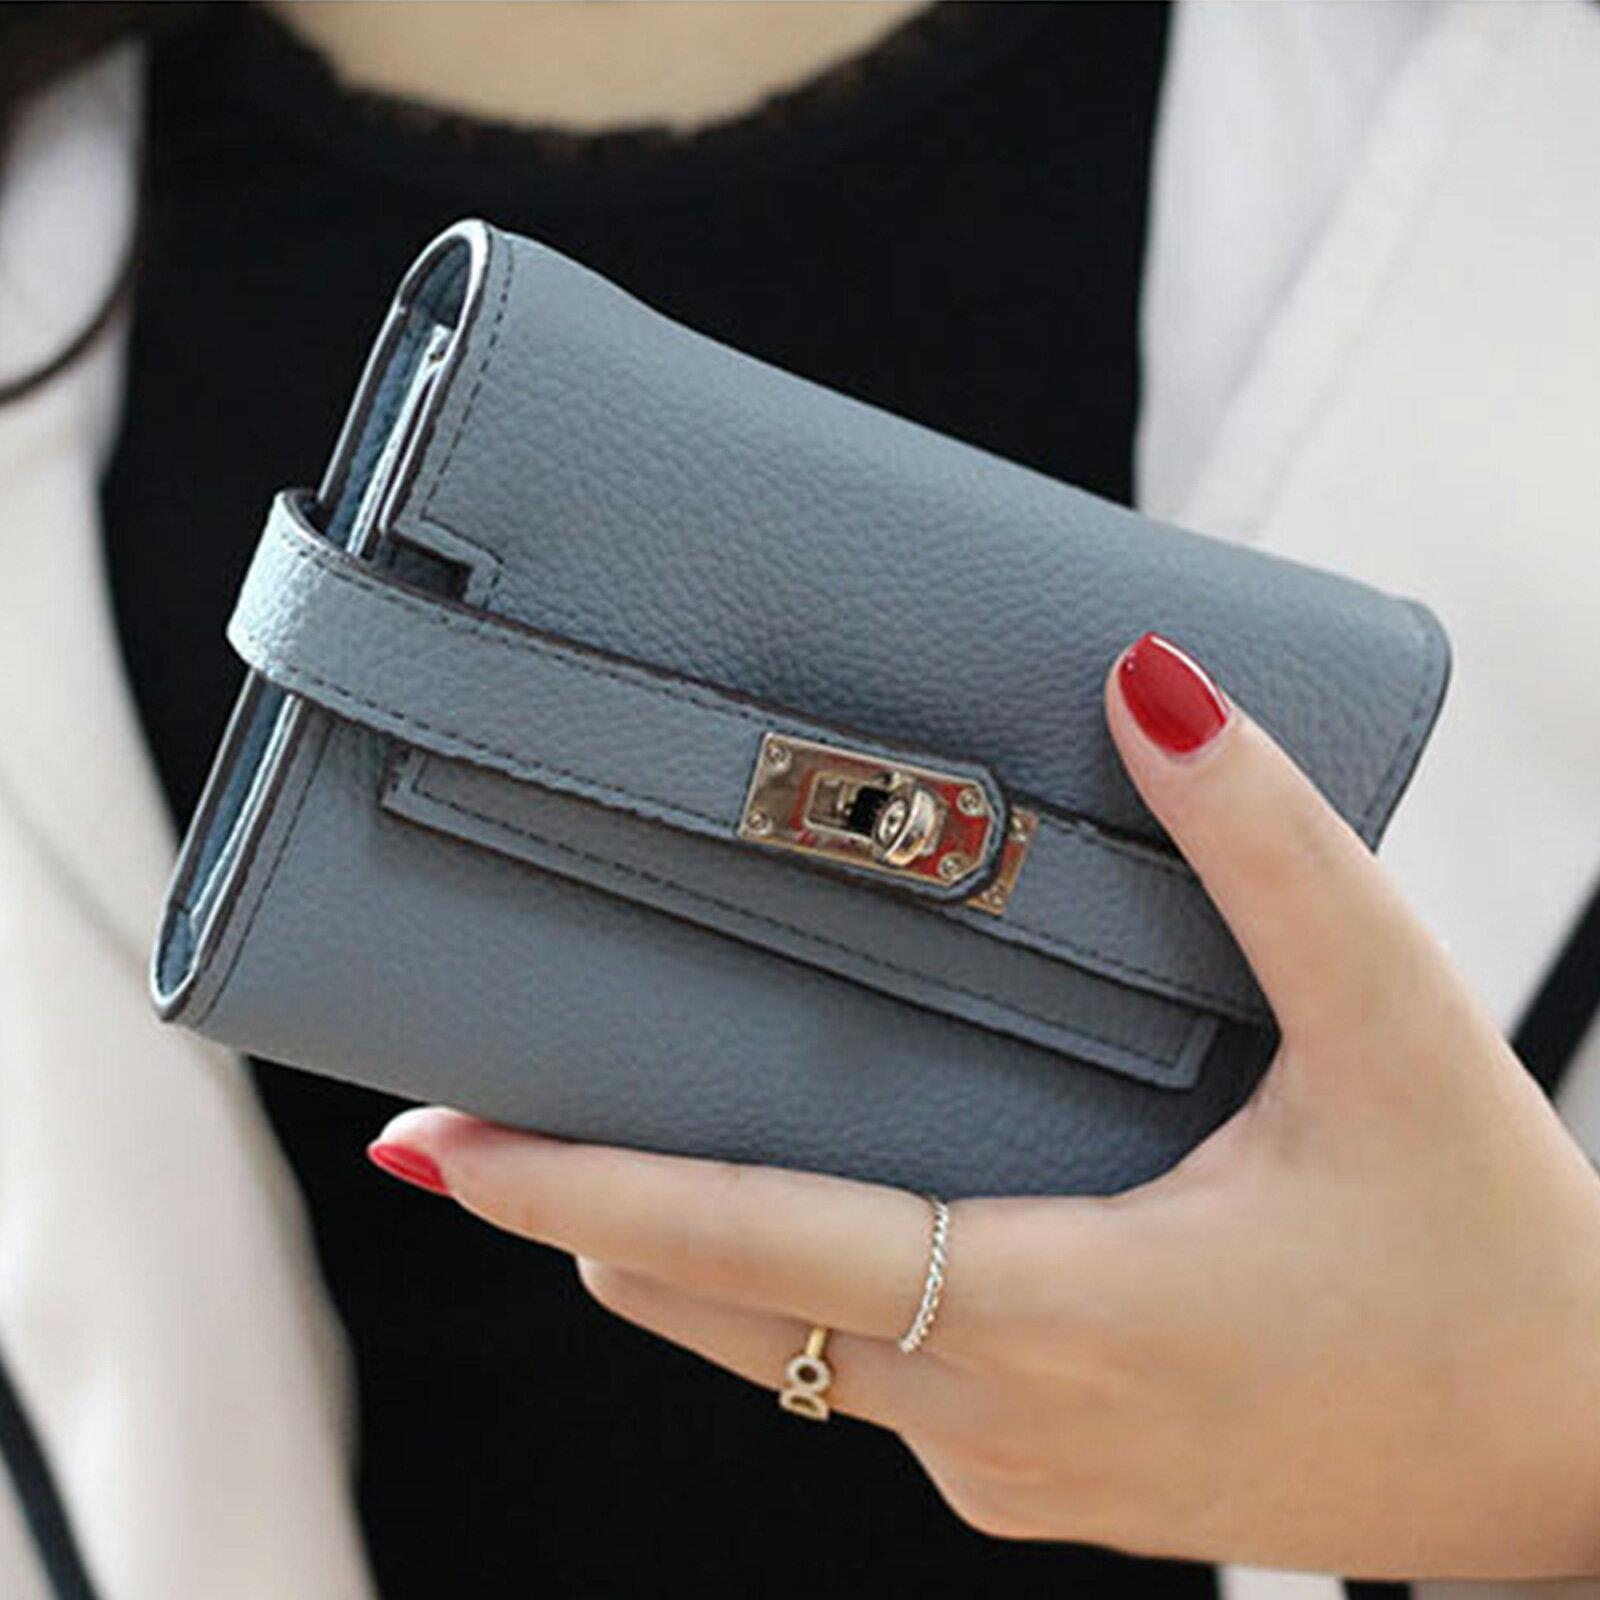 皮夾 錢包 紐扣三層零錢中夾短夾【O3218】☆雙兒網☆ 3